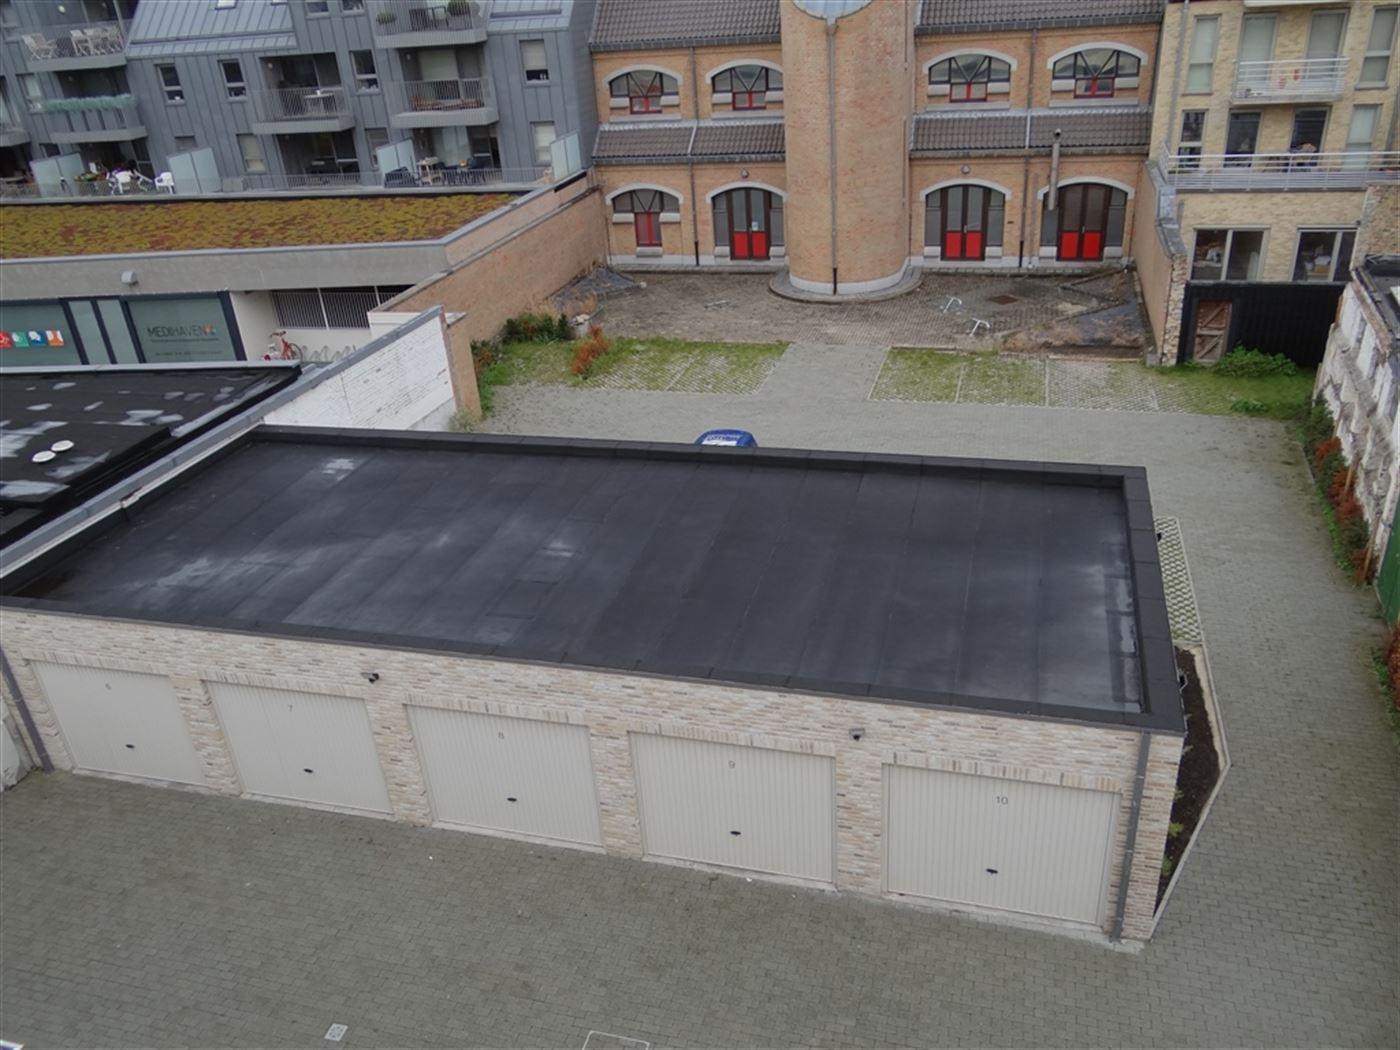 NEPTUNUS G2 - Ruime gesloten garagebox - Nieuwbouw - Centrale ligging in Nieuwpoort-Stad (zijstraat van de Kaai) - Afmetingen: 3 x 6 m - Gemakkelijk i...